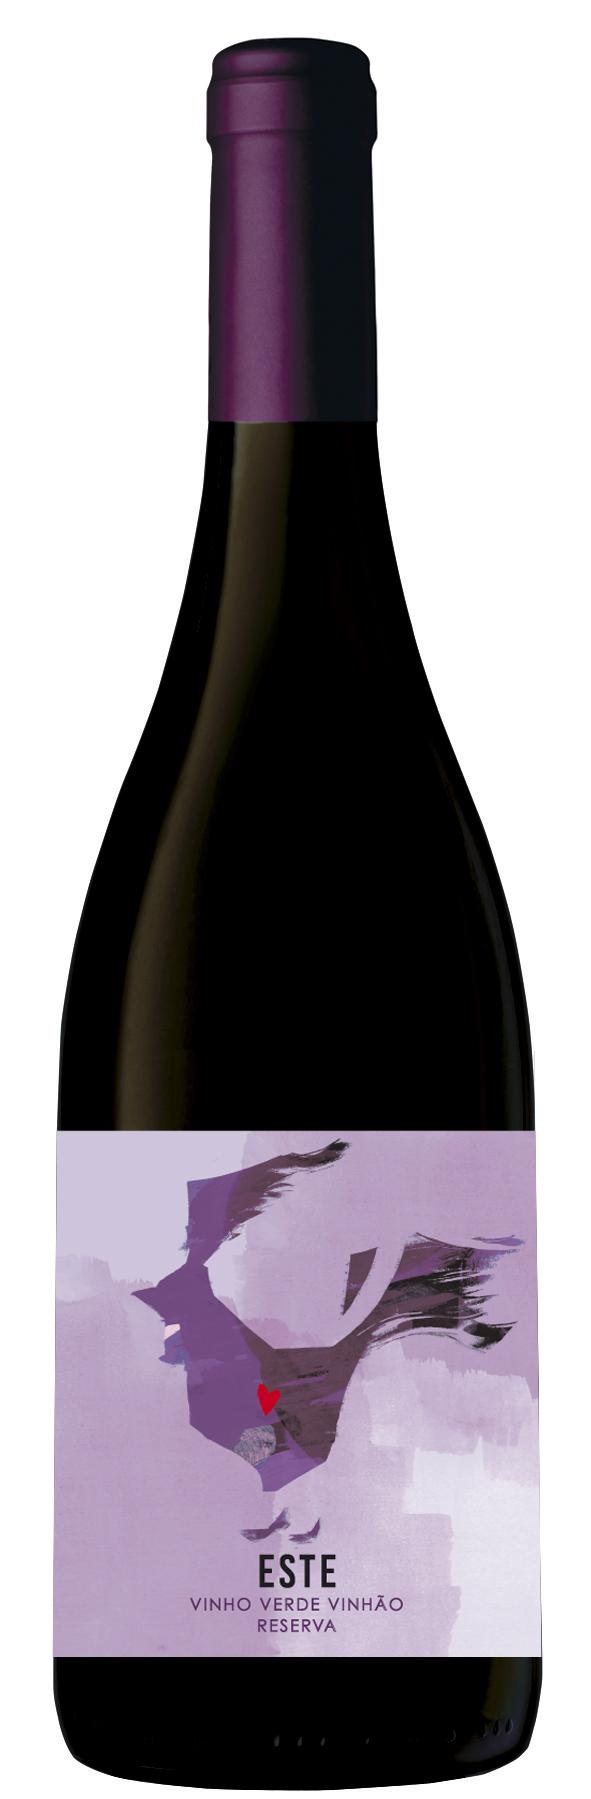 ESTE Vinhao Vinho Verde